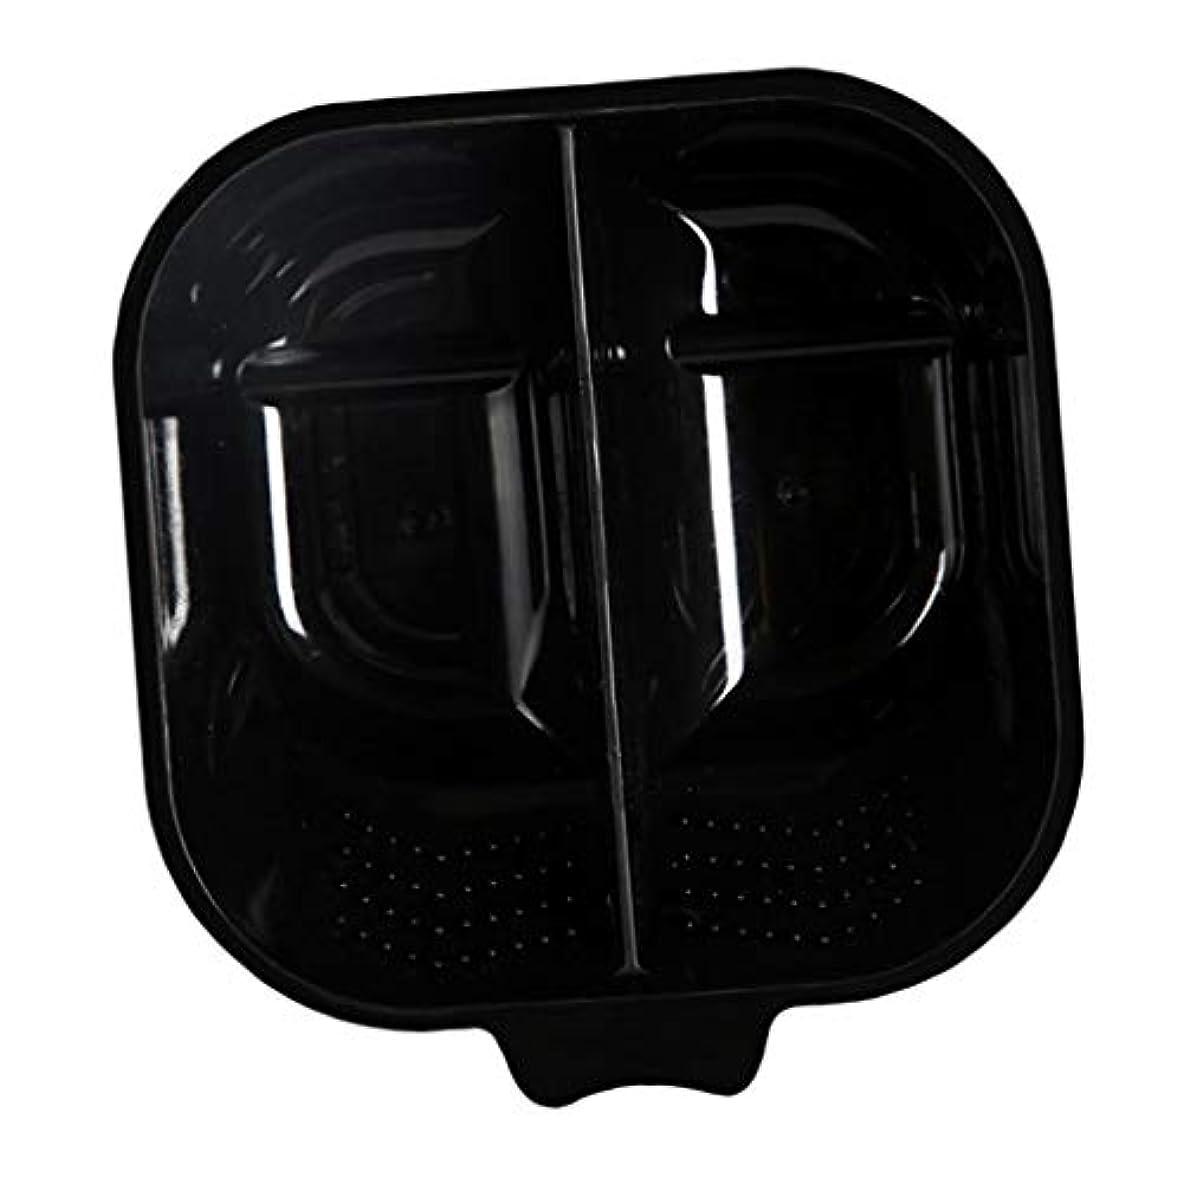 毛細血管ばかげているマットヘアカラーリング用品 ヘアカラーボウル ヘアカラープレート 毛染め 染料 混ぜる サロン プロ用品 - ブラック